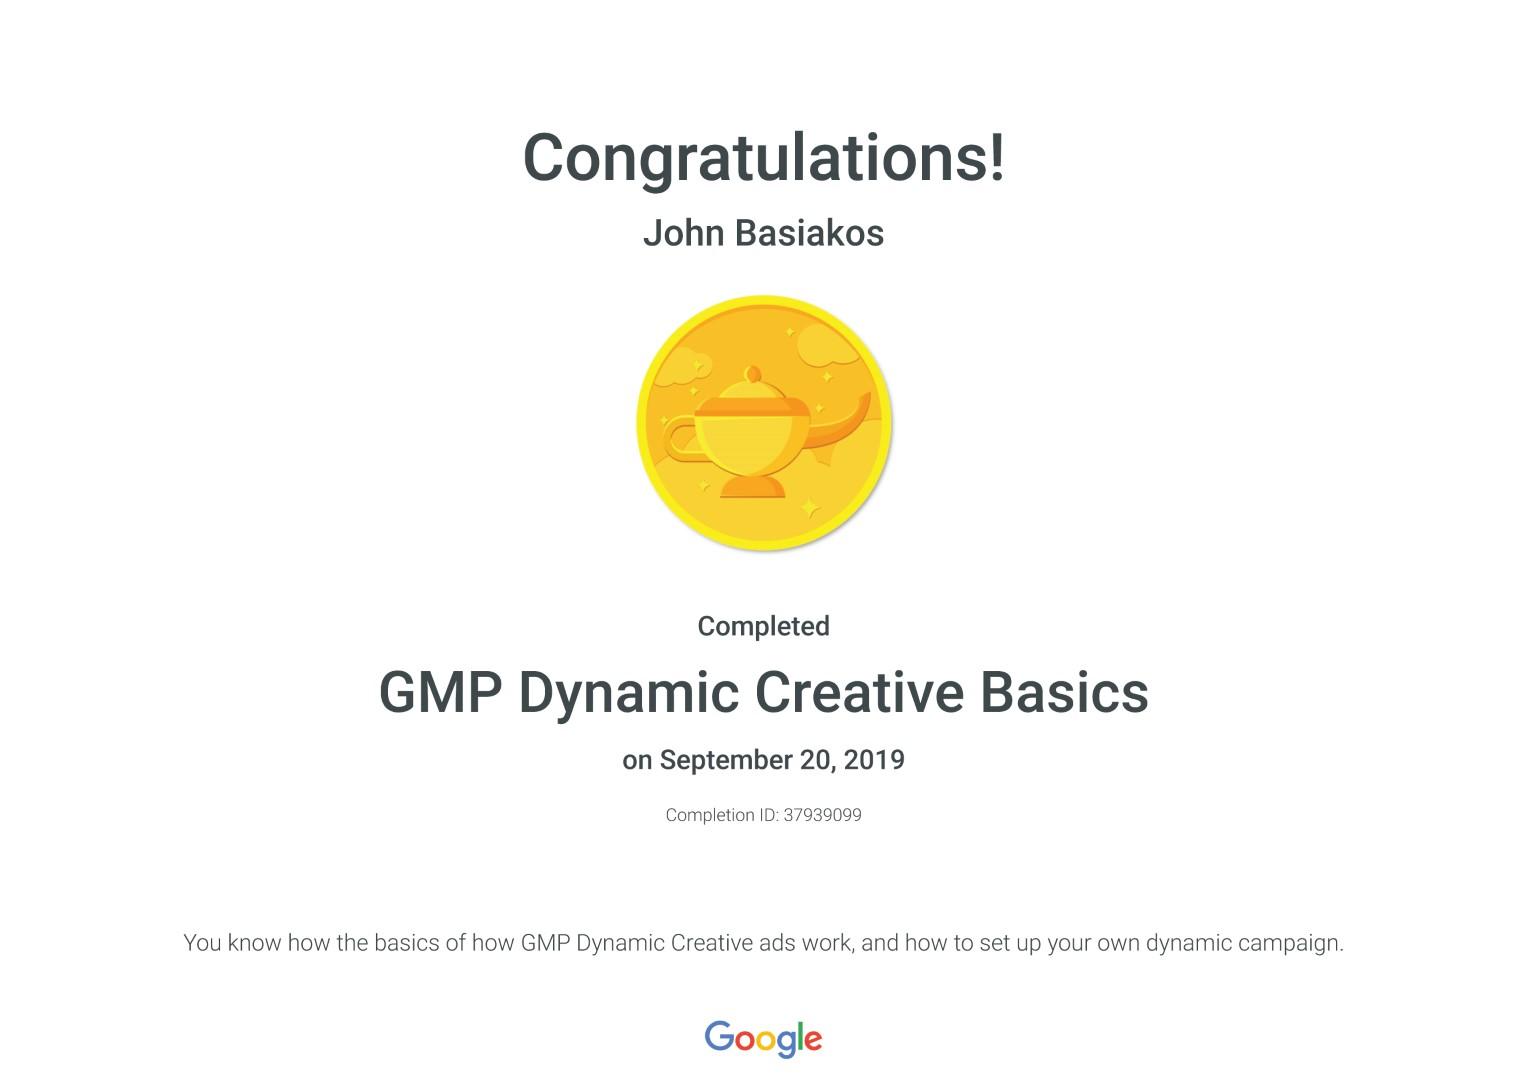 GMP Dynamic Creative Basics _ Google